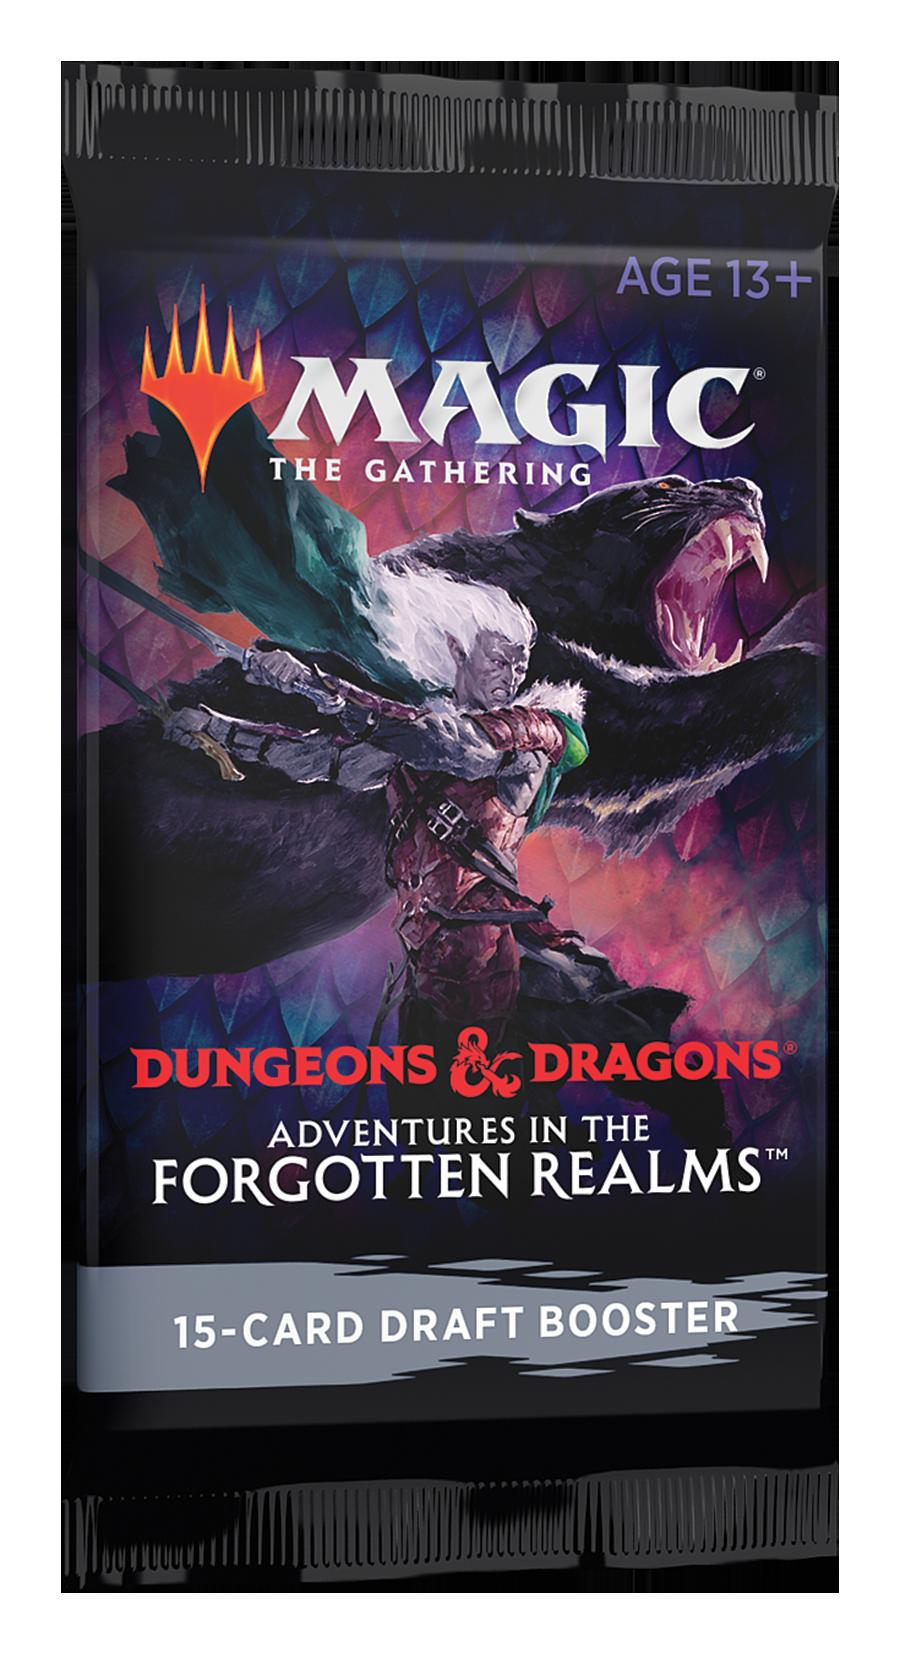 D&D Forgotten Realms Draft Booster Pack